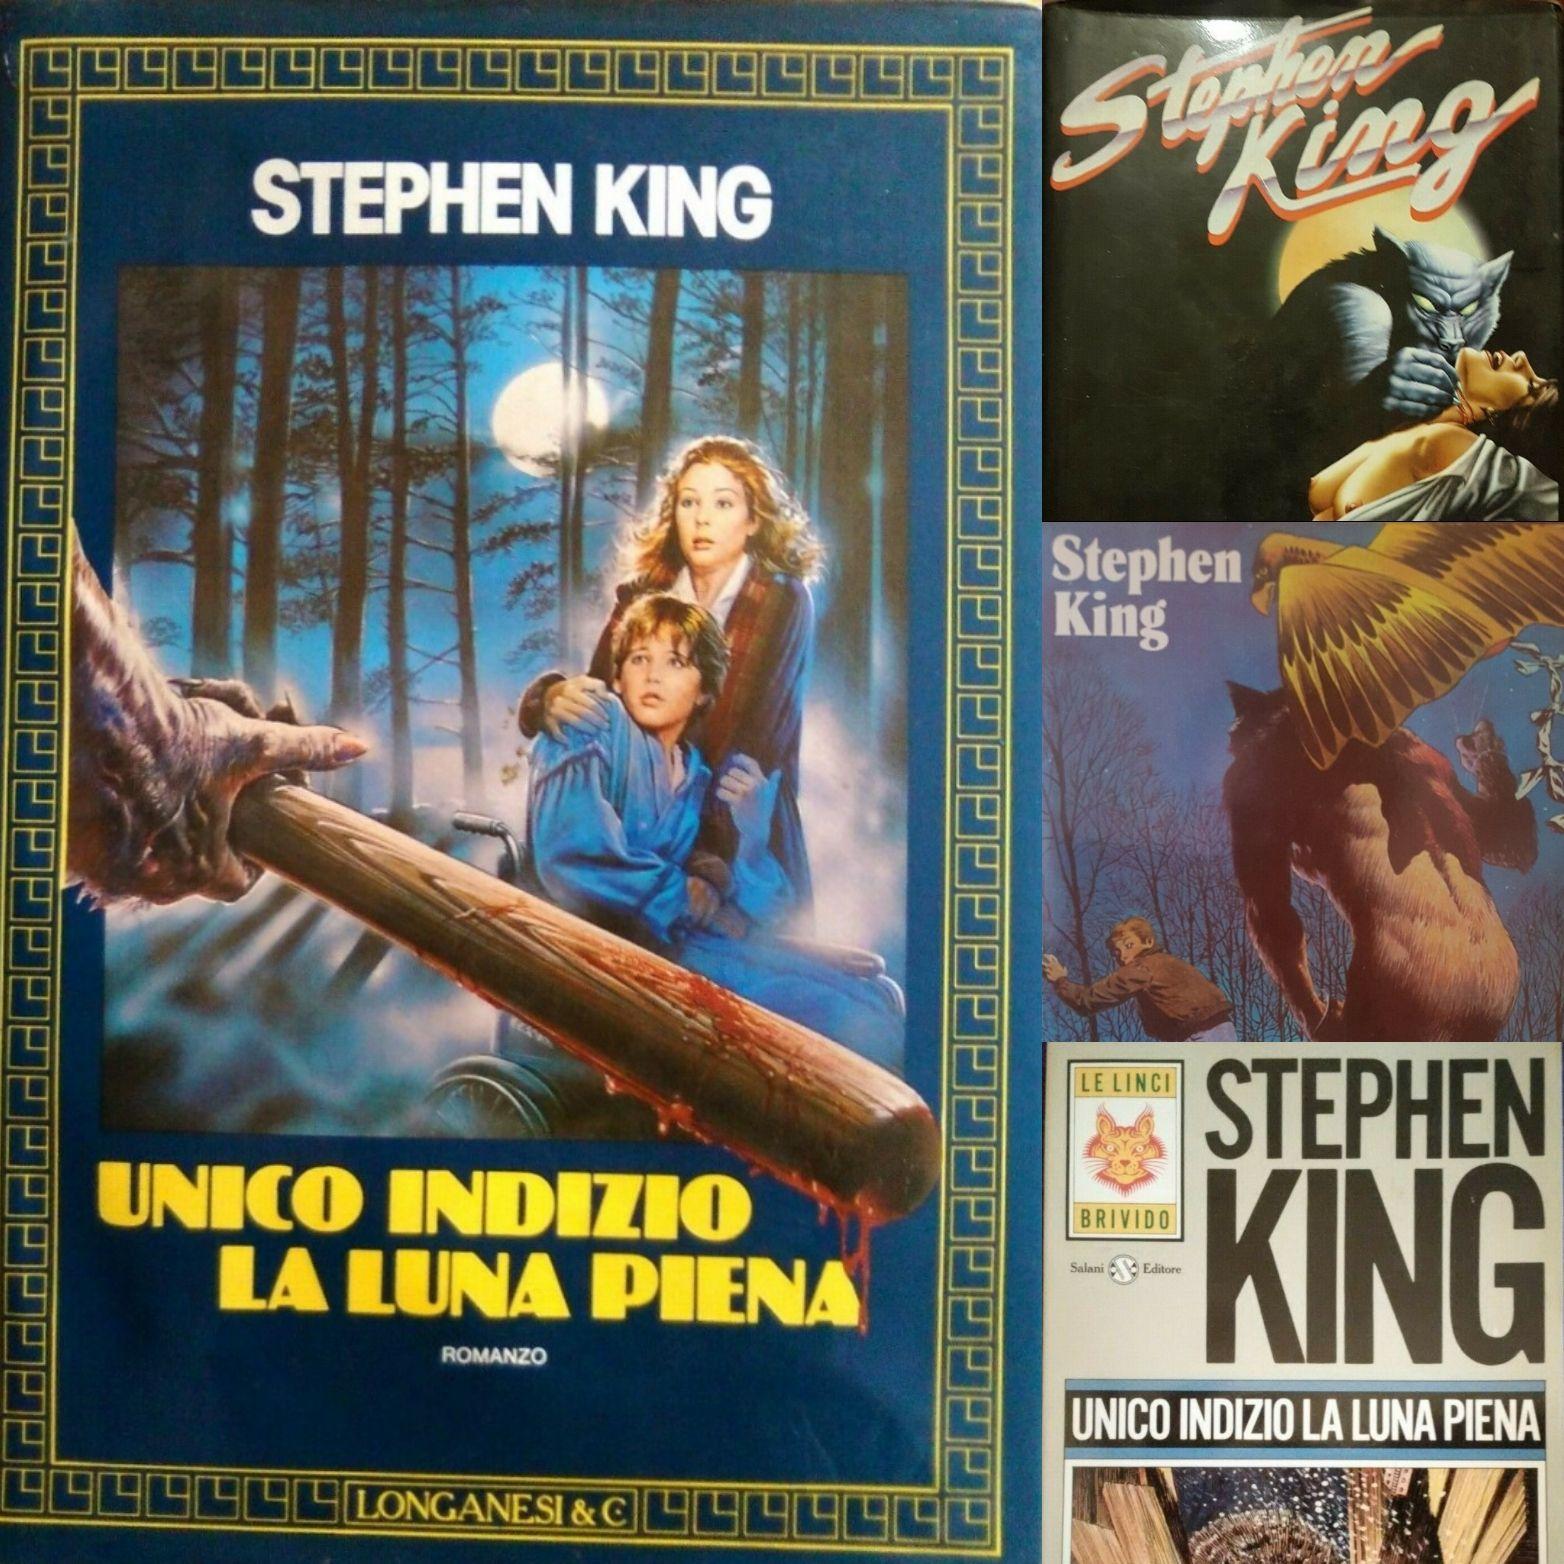 """Escalation di interesse per """"Unico indizio la luna piena"""" di Stephen King su eBay"""